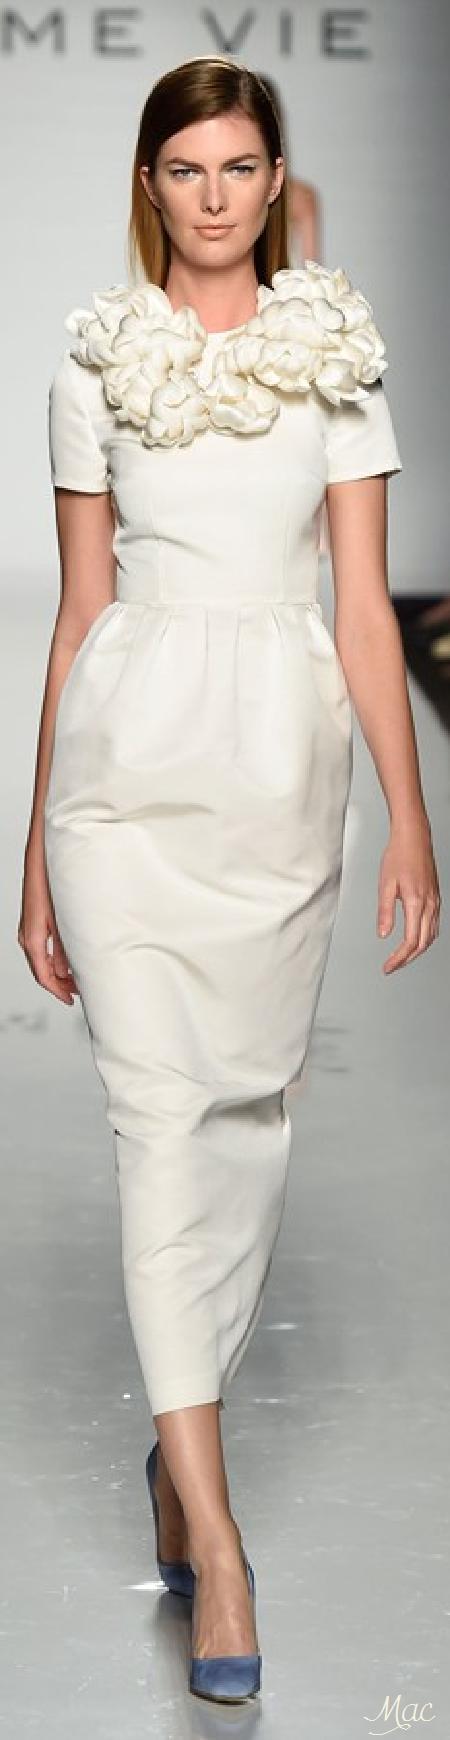 Spring 2015 Ready-to-Wear Esme Vie